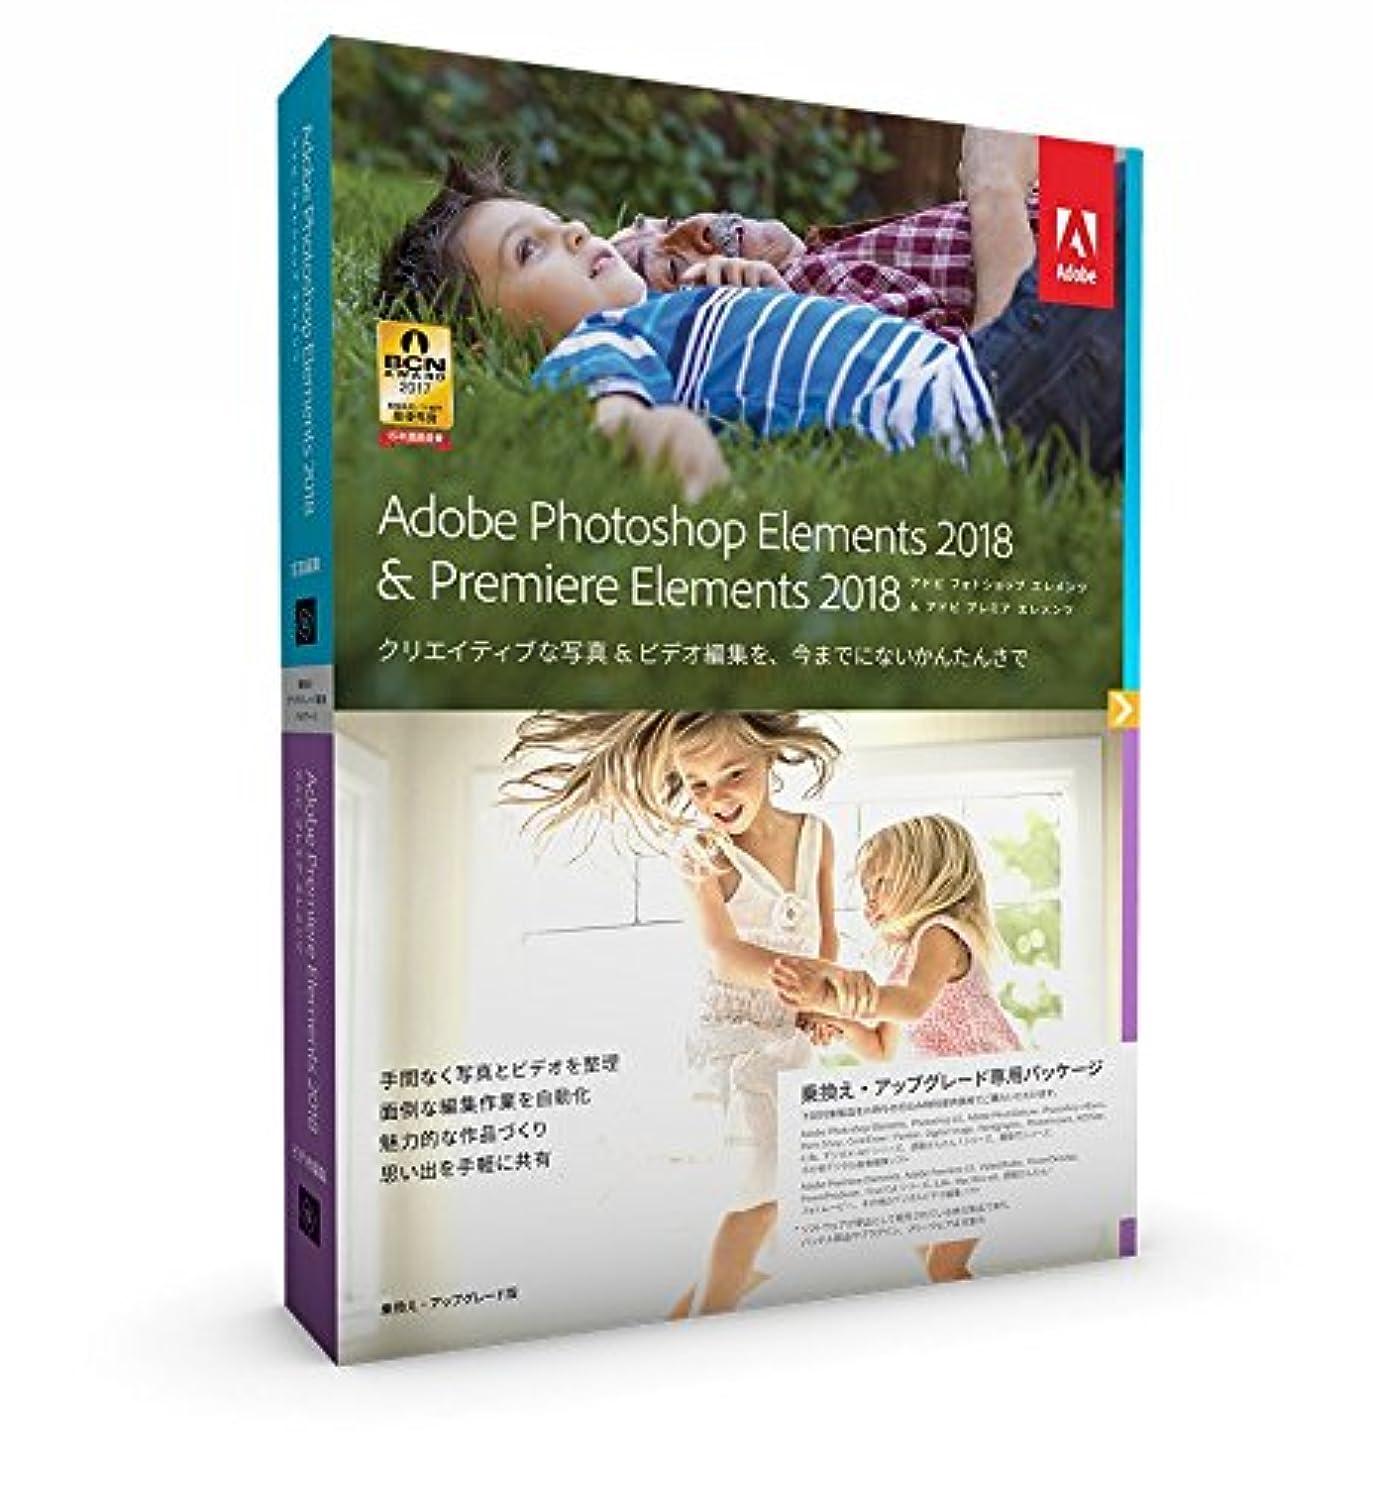 形謝罪啓発する【旧製品】Adobe Photoshop Elements 2018 & Premiere Elements 2018 日本語版 乗換え?アップグレード版 Windows/Macintosh版